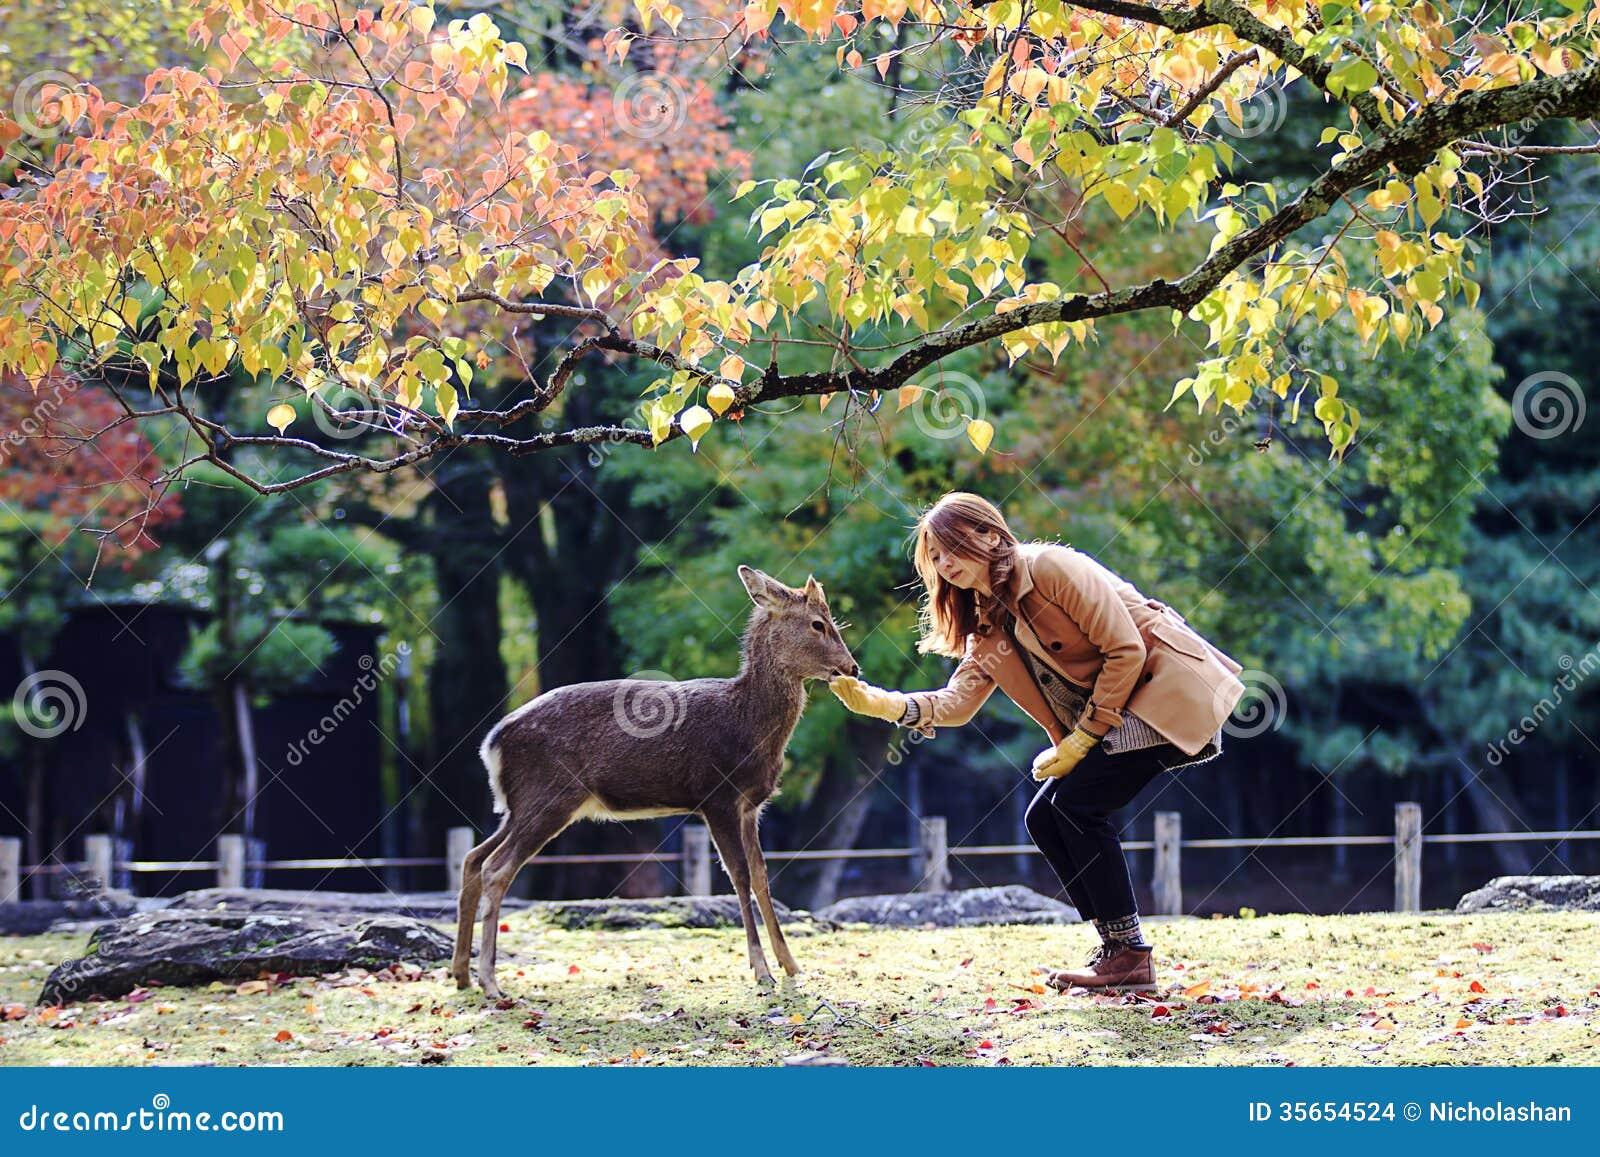 Nara Venture - Nara Tourism - Home | Facebook